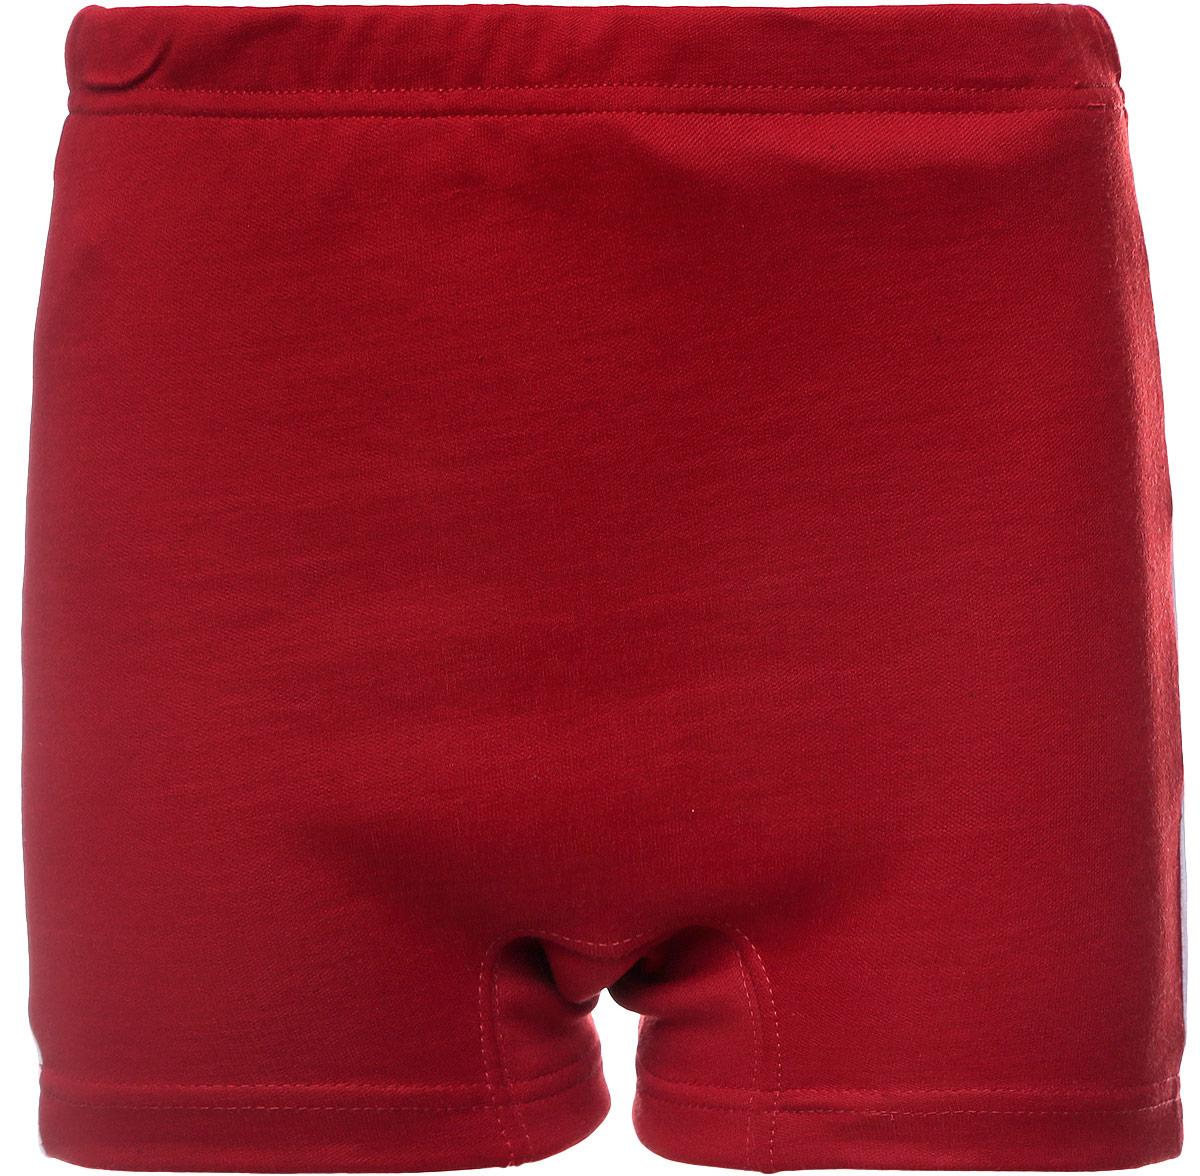 Шорты детские для самбо Green Hill, цвет: красный. SS2005130. Размер 00/120 (28-30)